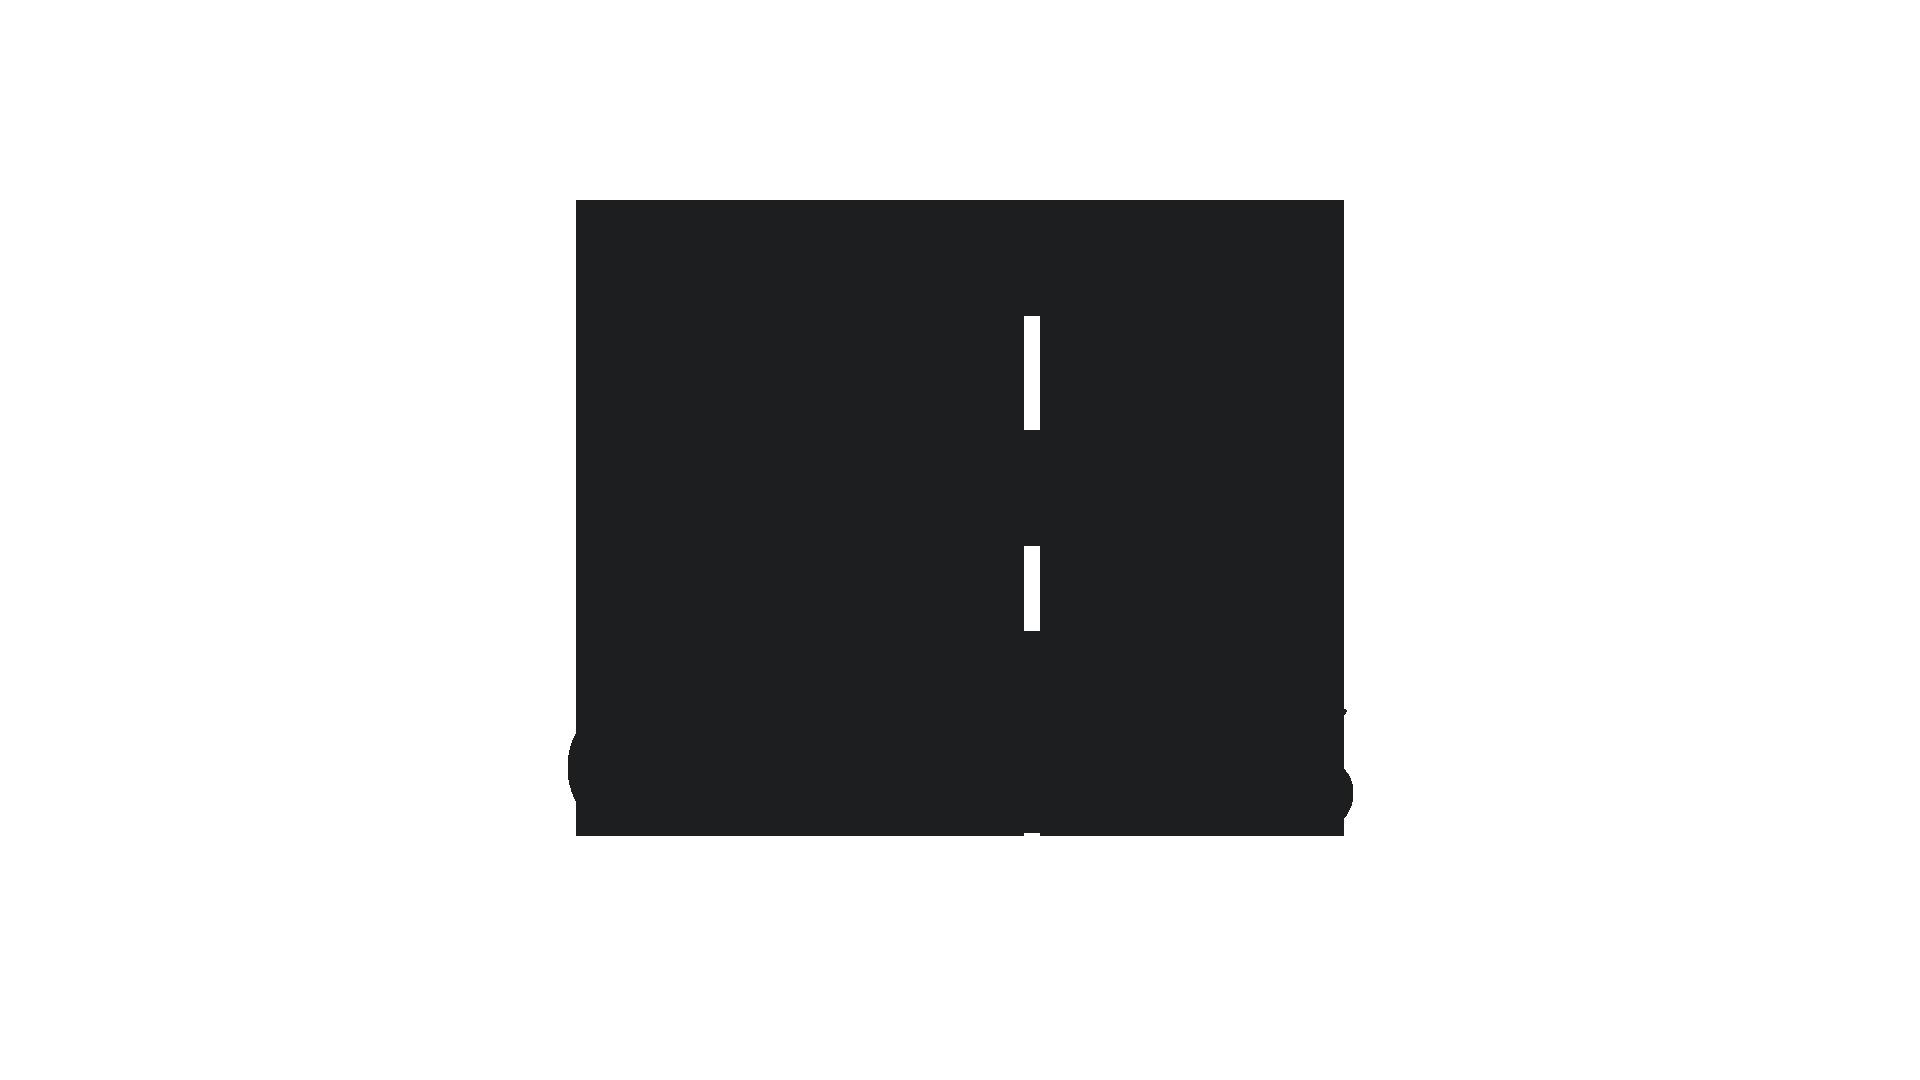 Oculus VR, LLC